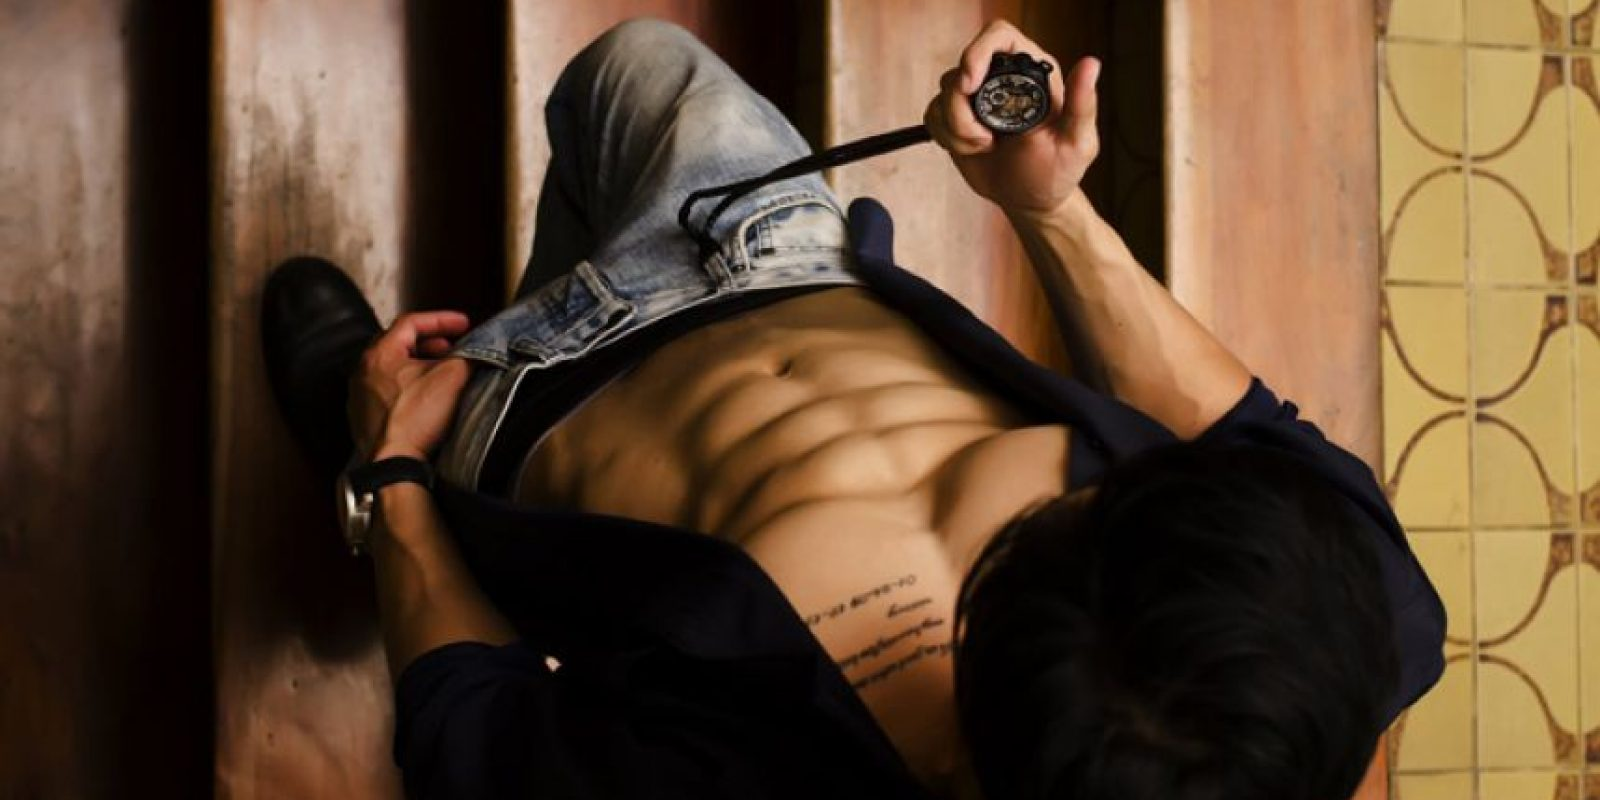 El boxeo también puede ayudar a tener abdominales perfectos. Foto:Pixabay. Imagen Por: